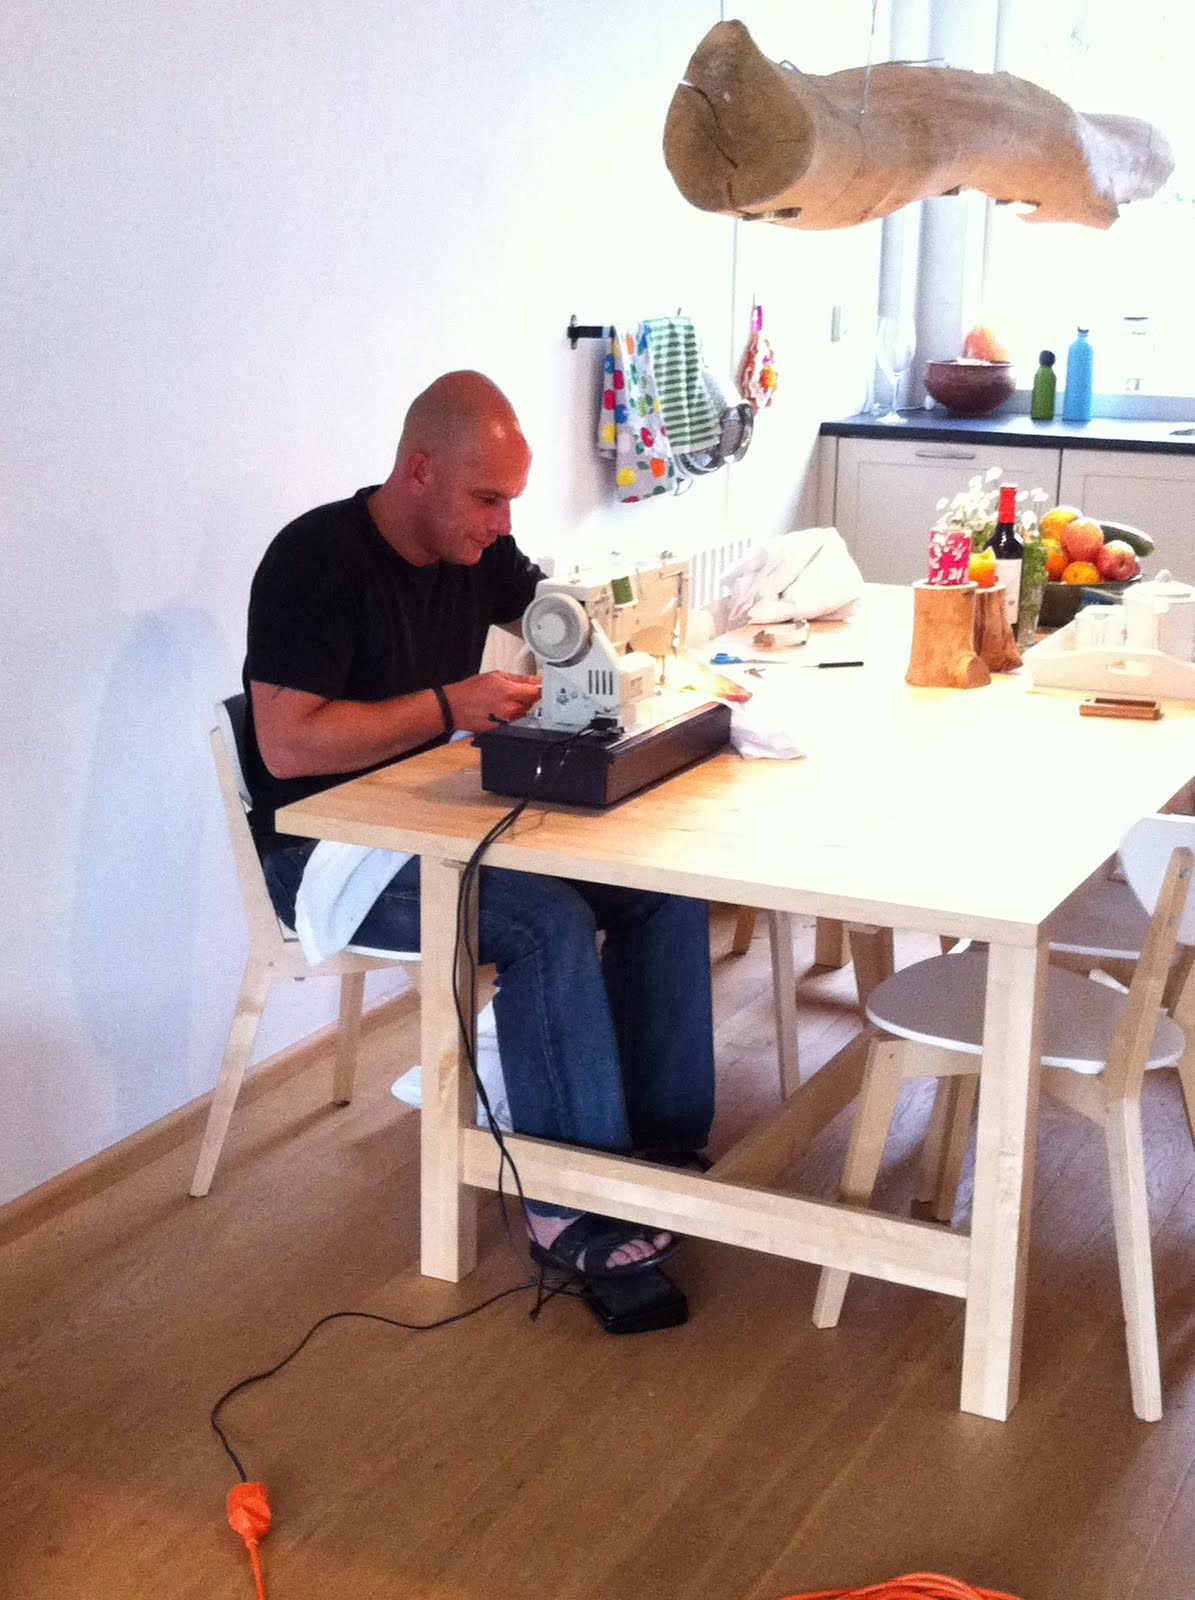 Beautiful Gordijnen Korter Laten Maken Photos - Ideeën Voor Thuis ...